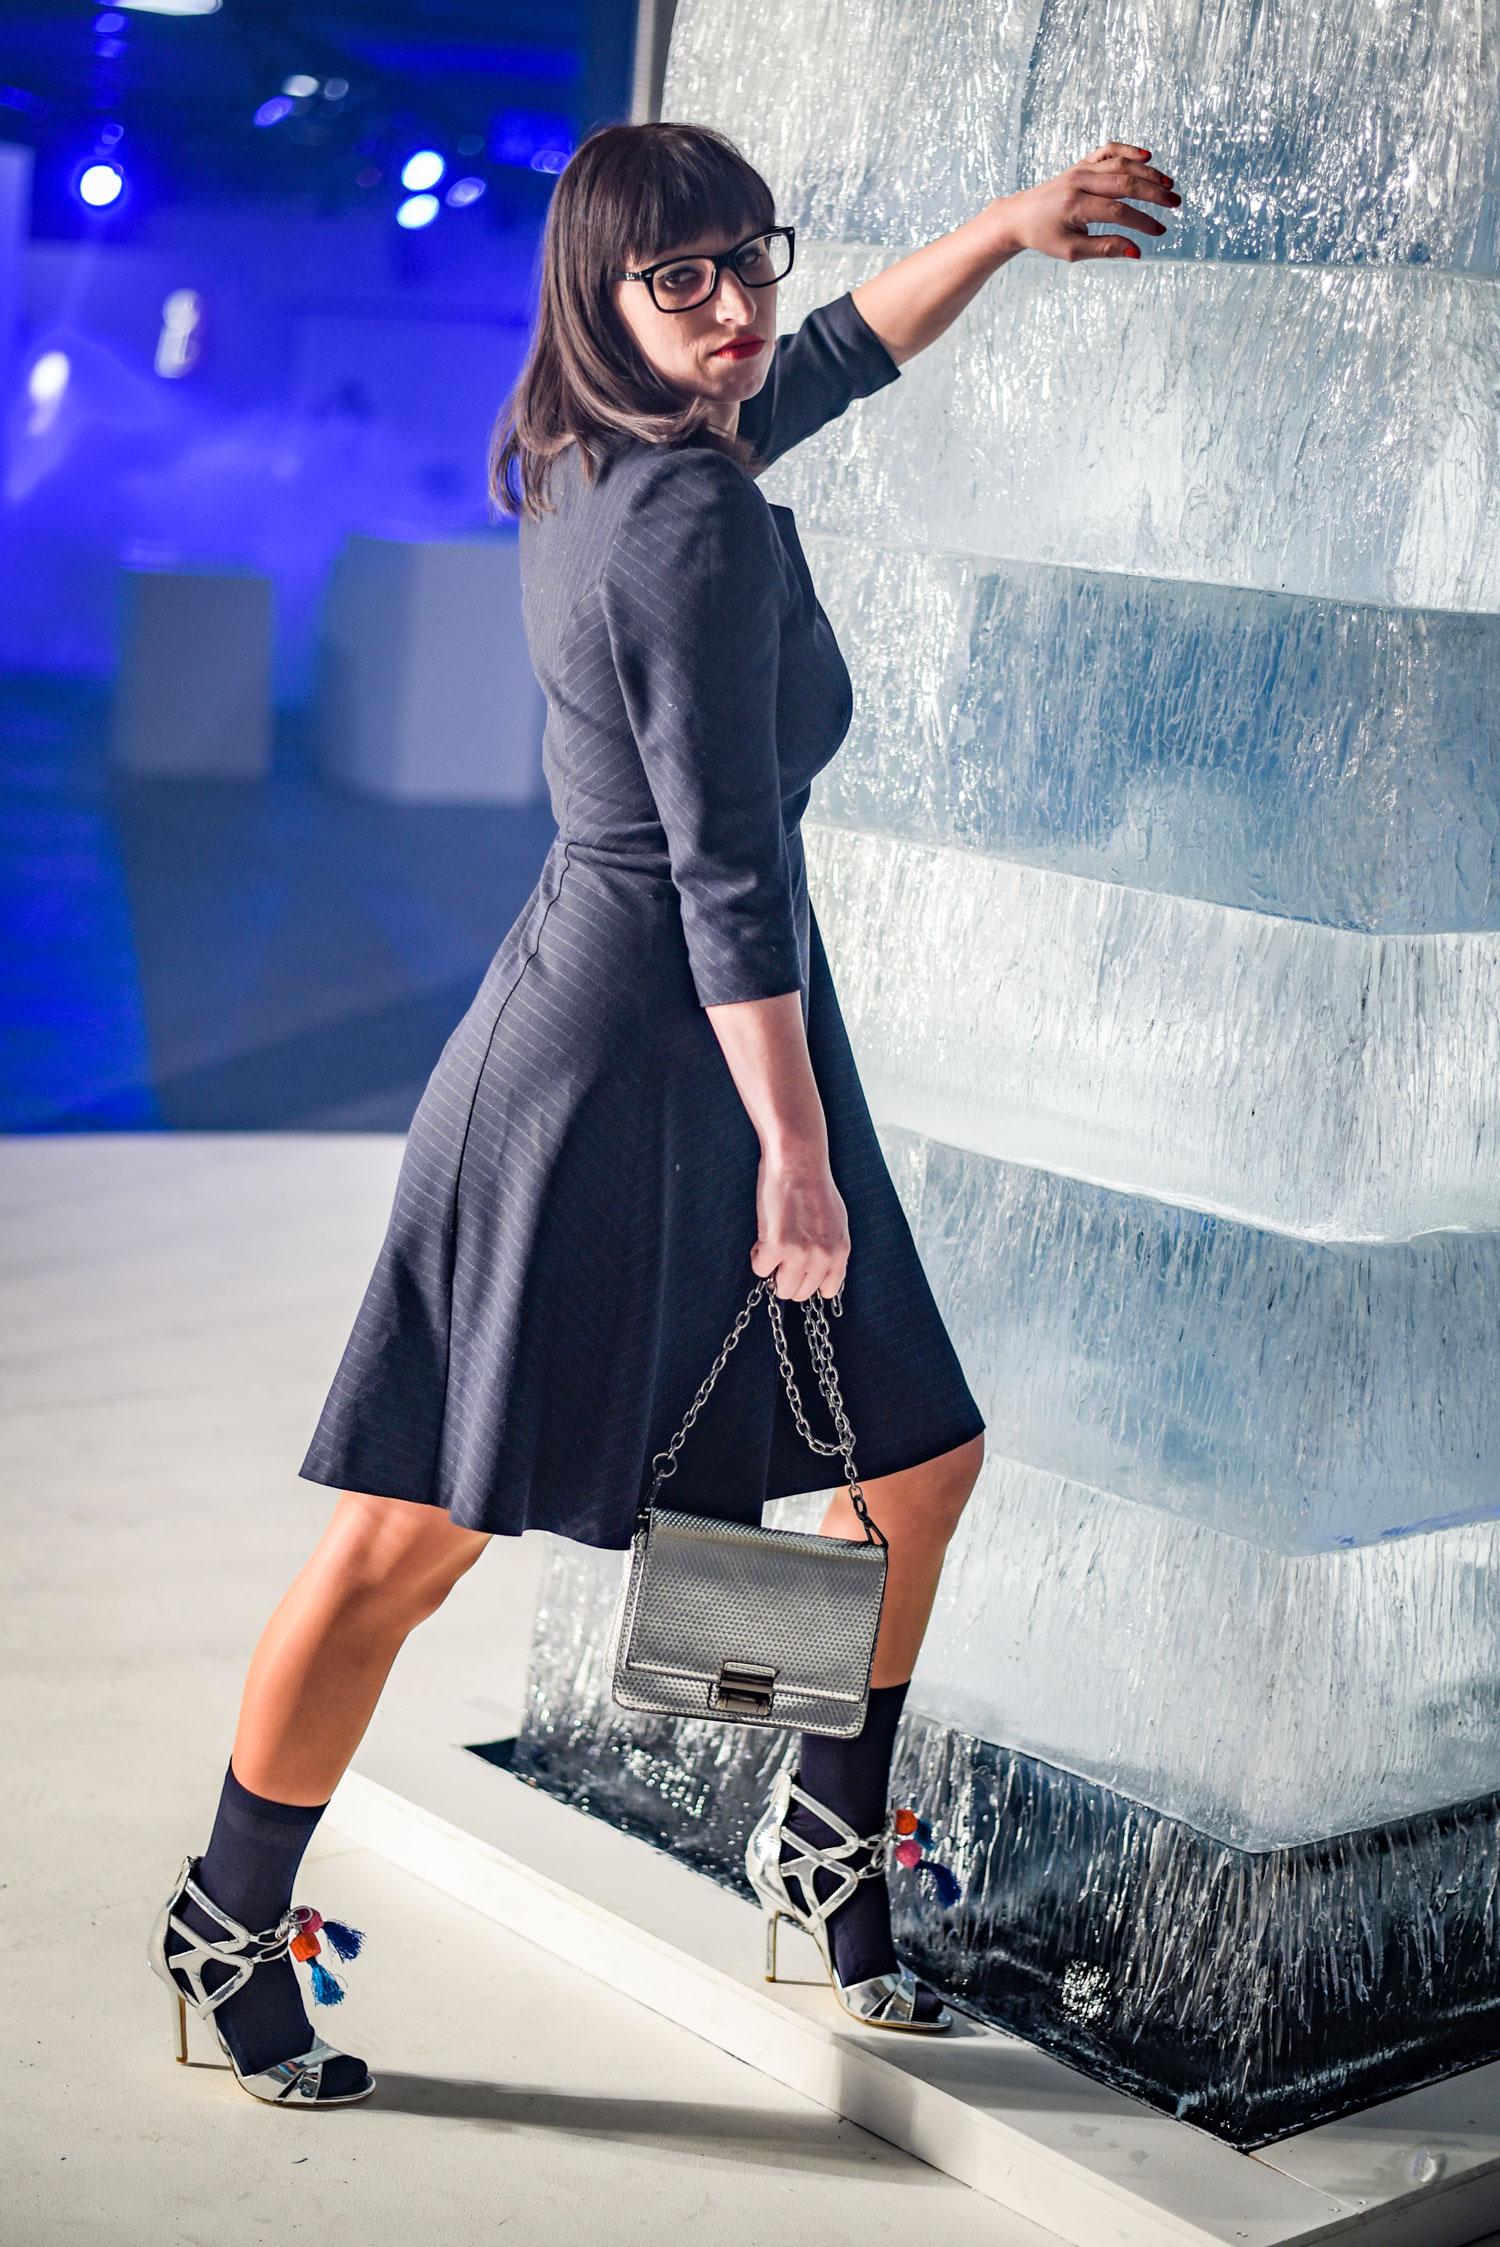 Fashion: Kleid von Hallhuber, High Heels von Sam Edelman, Siffermütze von Scotch&Soda, Fashion Show von Ewa Herzog